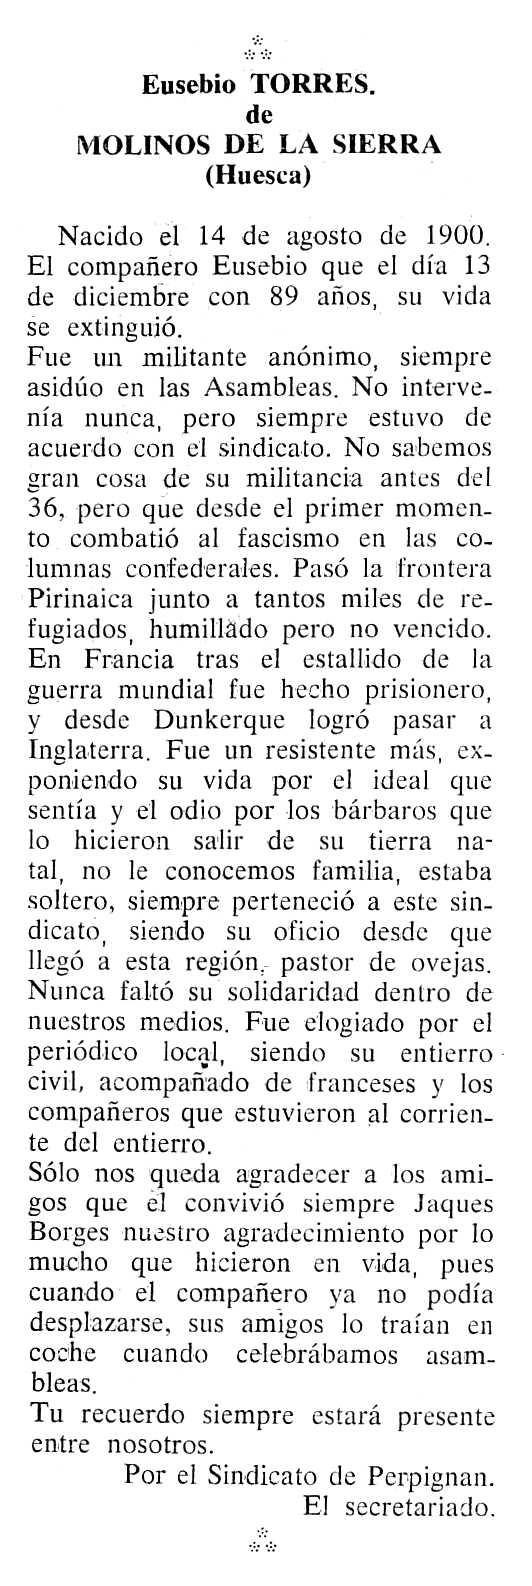 """Necrològica d'Eusebio Torres apareguda en el periòdic tolosà """"Cenit"""" del 27 de març de 1990"""